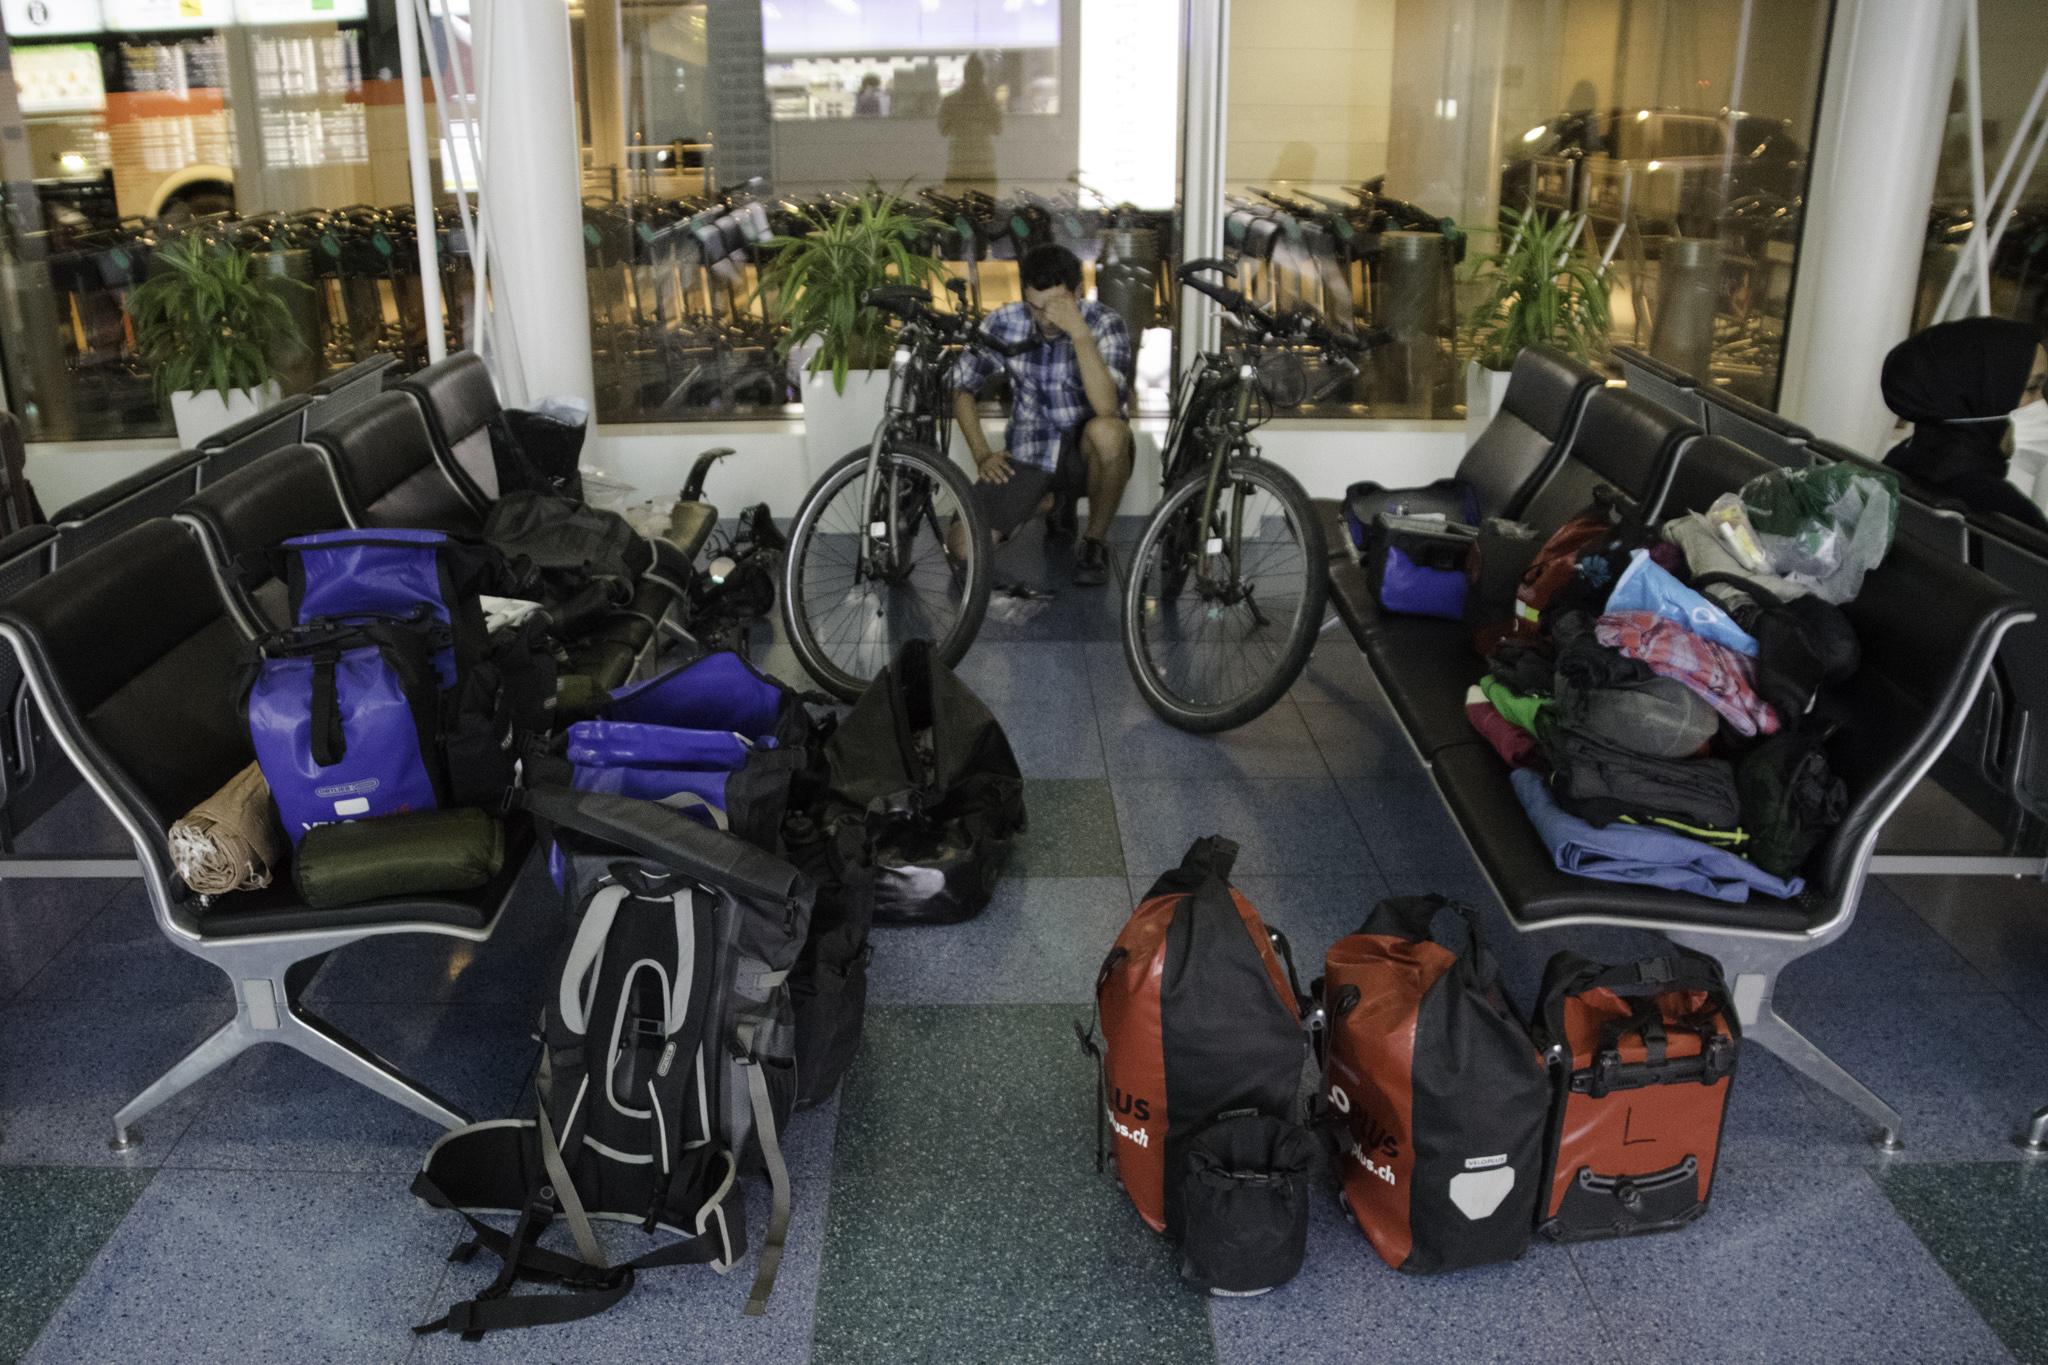 Verpacken der Velos am Flughafen